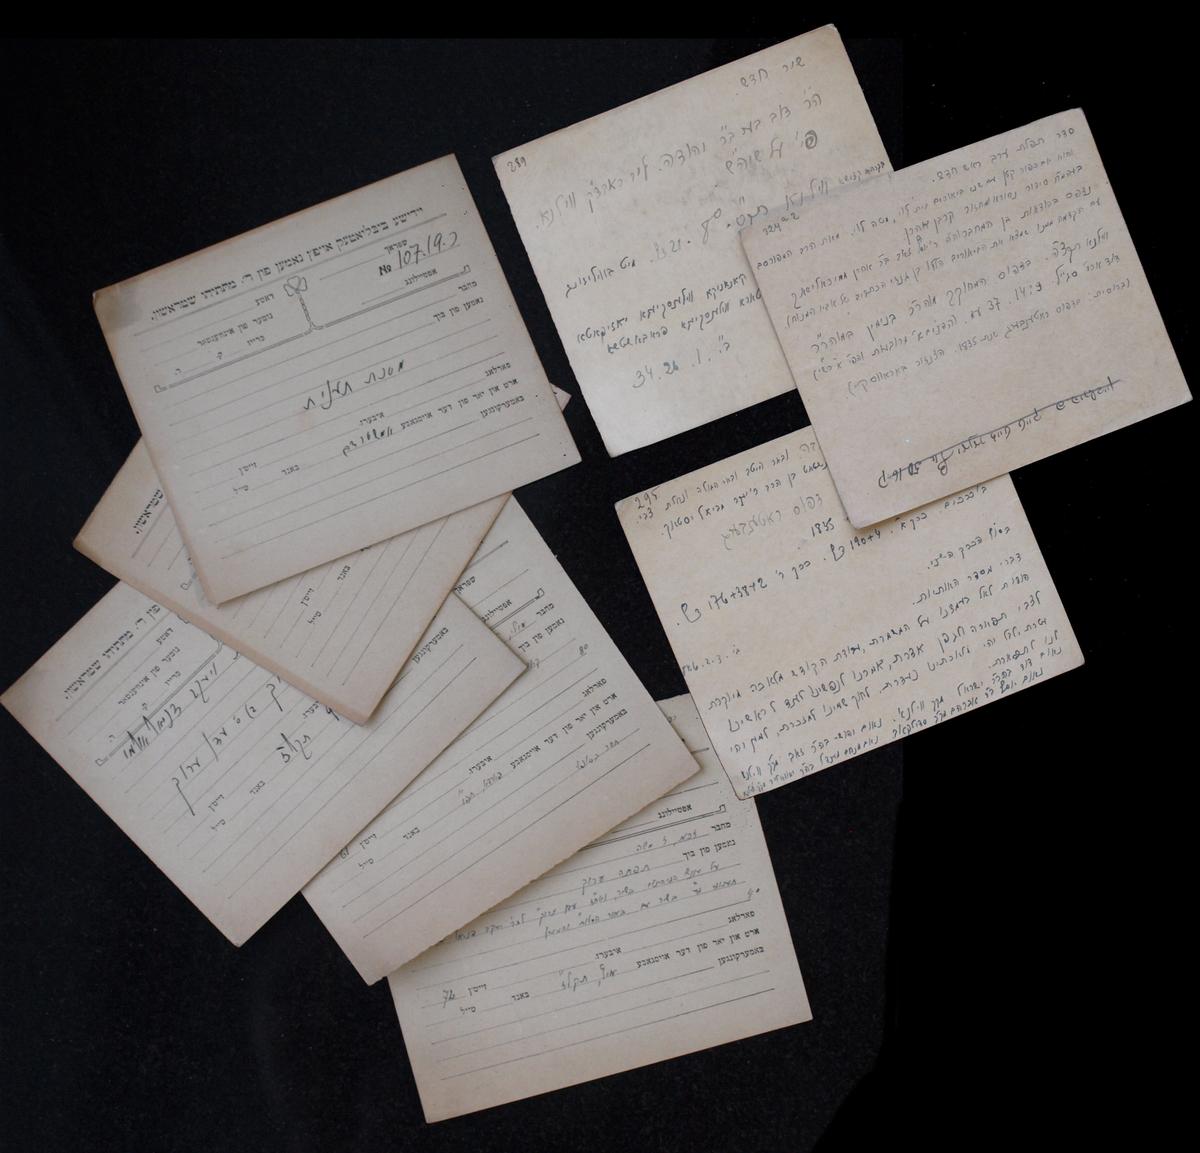 """Strašuno bibliotekos kartotekos fragmentai. <br /> Knygoms iš Mato Strašuno asmeninės kolekcijos aprašyti ant kortelių buvo klijuojamos iškarpos iš dublikatų spausdinto katalogo """"Likute shoshanim"""" (hebr. Rožių skynimas), išleisto Dovydo Strašuno. <br /> Berlynas, Cvi Hiršo Icikovskio spaustuvė, 1889."""